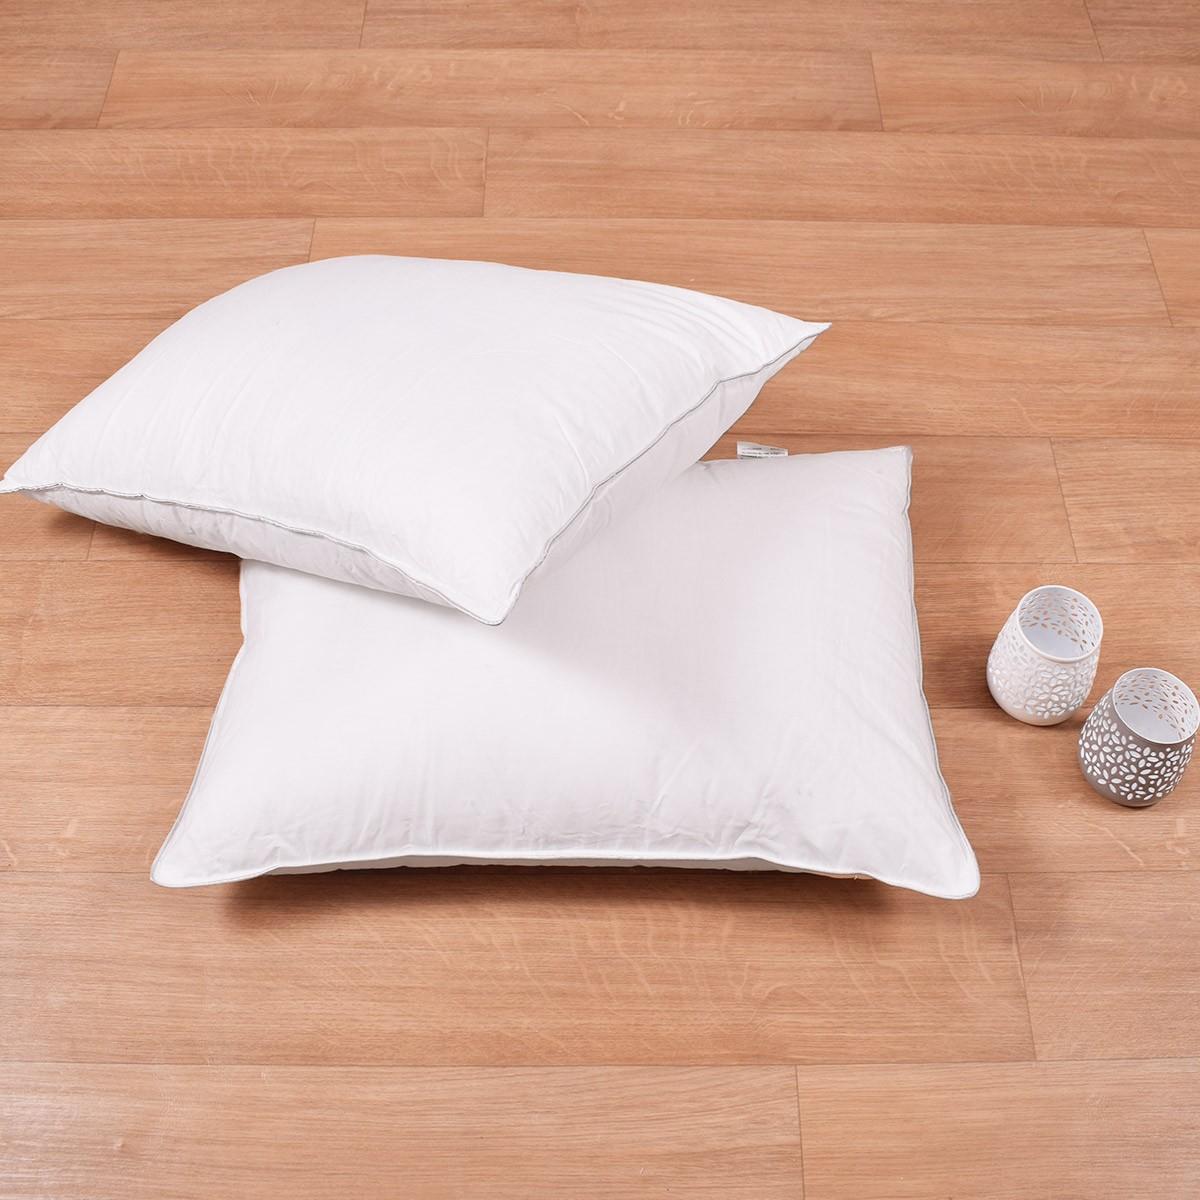 Μαξιλάρι Ύπνου (50x70) Μέτριο 100% Βαμβάκι 1000gr/m2 home   επαγγελματικός εξοπλισμός   ξενοδοχειακός εξοπλισμός   μαξιλάρια ξενοδοχε